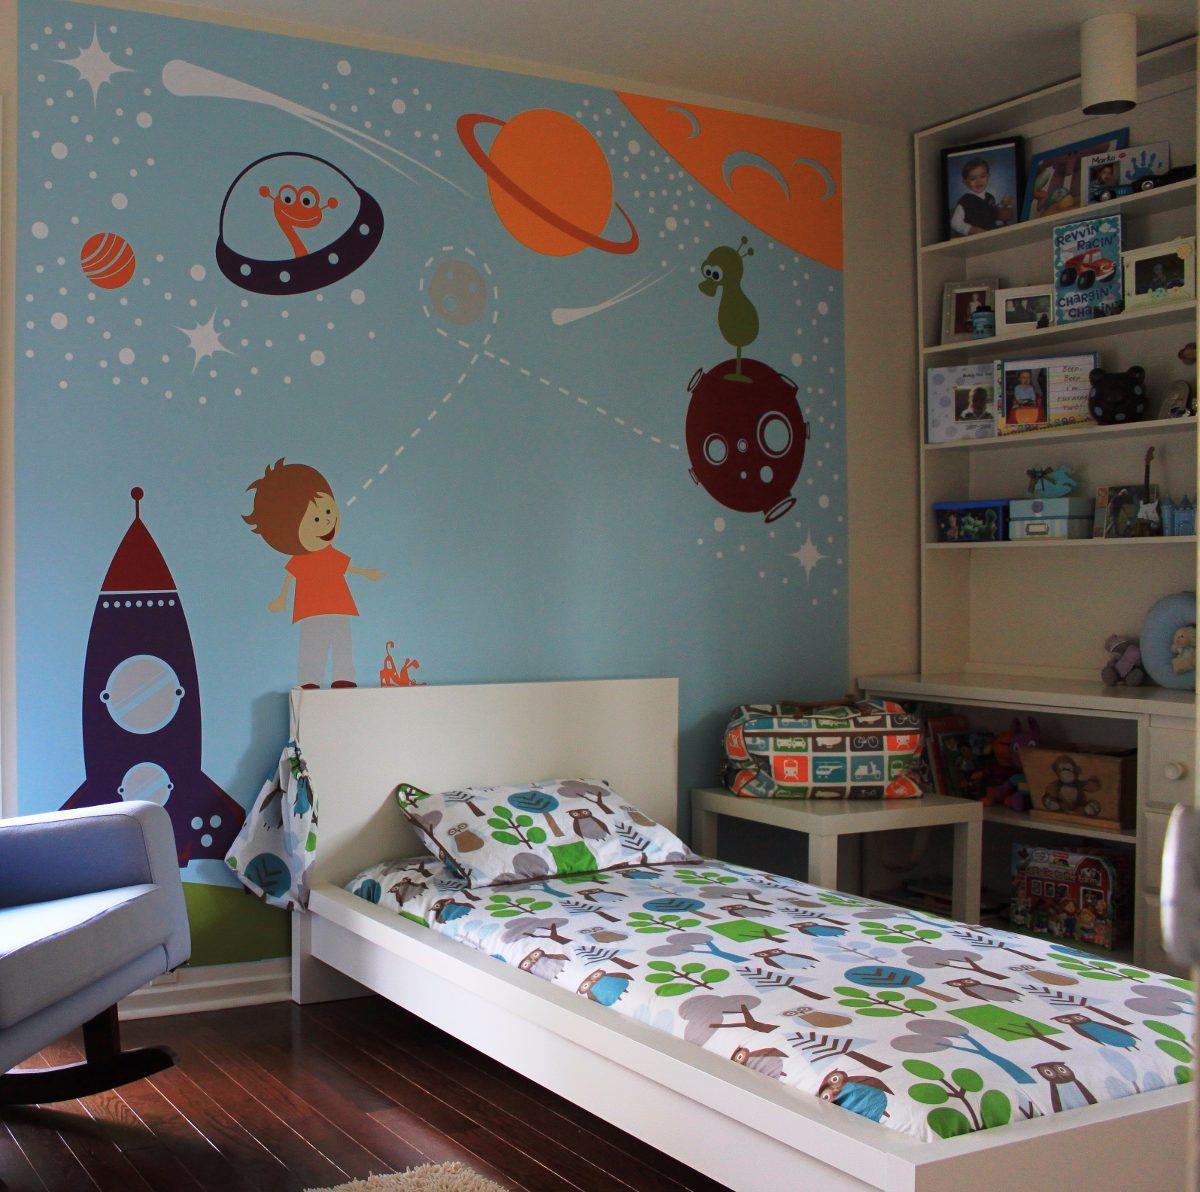 Vinilos Decorativos Planetas.Vinilos Decorativos Planetas Estrellas Astronautas Spacial